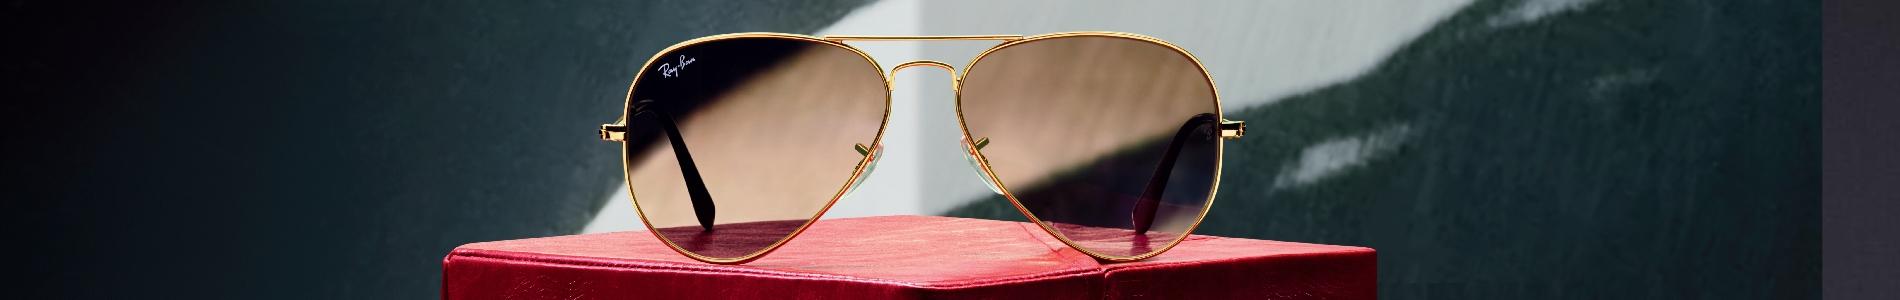 Ray-Ban Sunglasses Company Logo